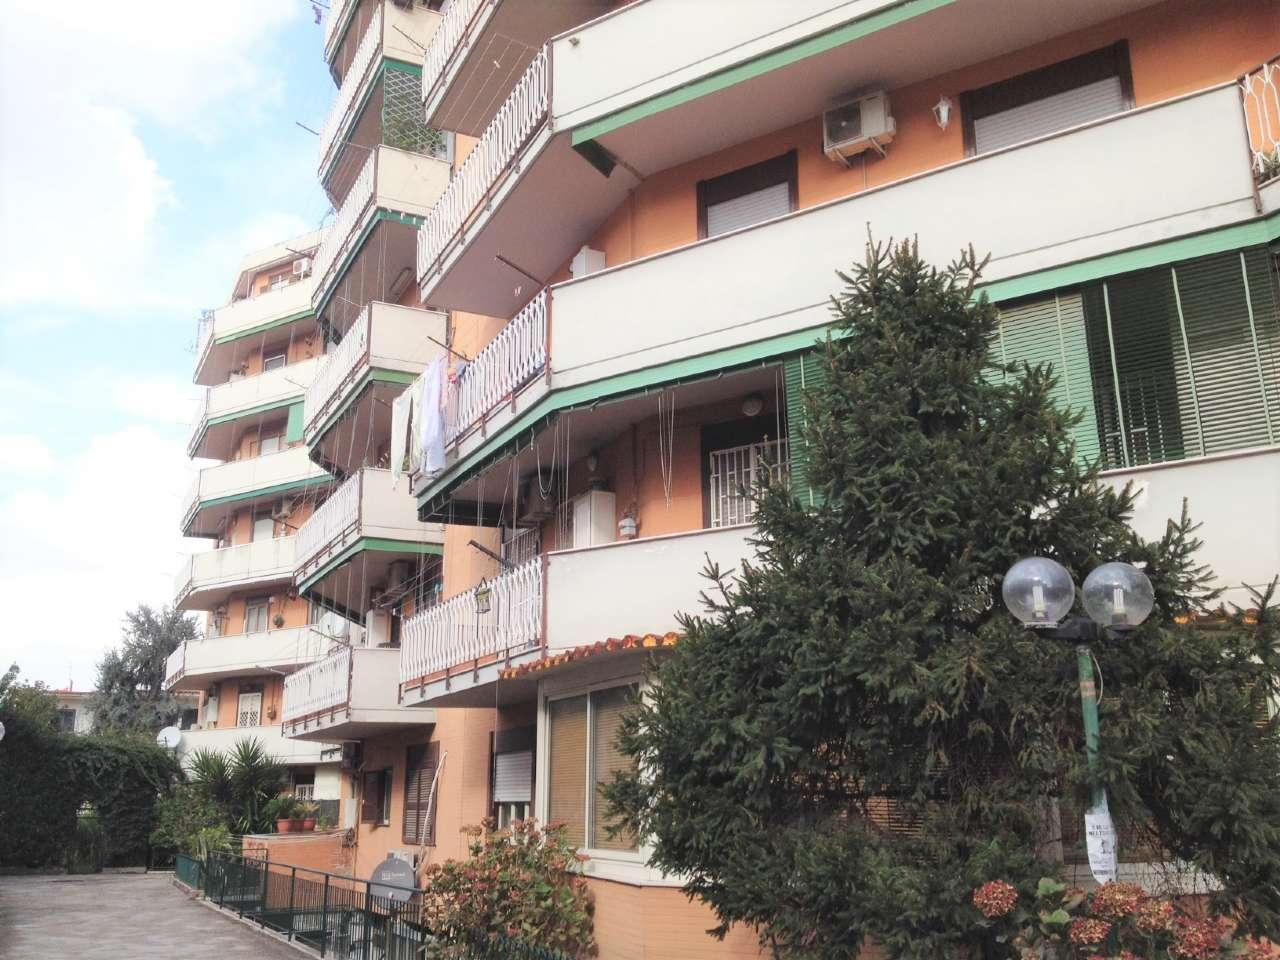 Appartamento in affitto a Casoria, 3 locali, prezzo € 500 | CambioCasa.it